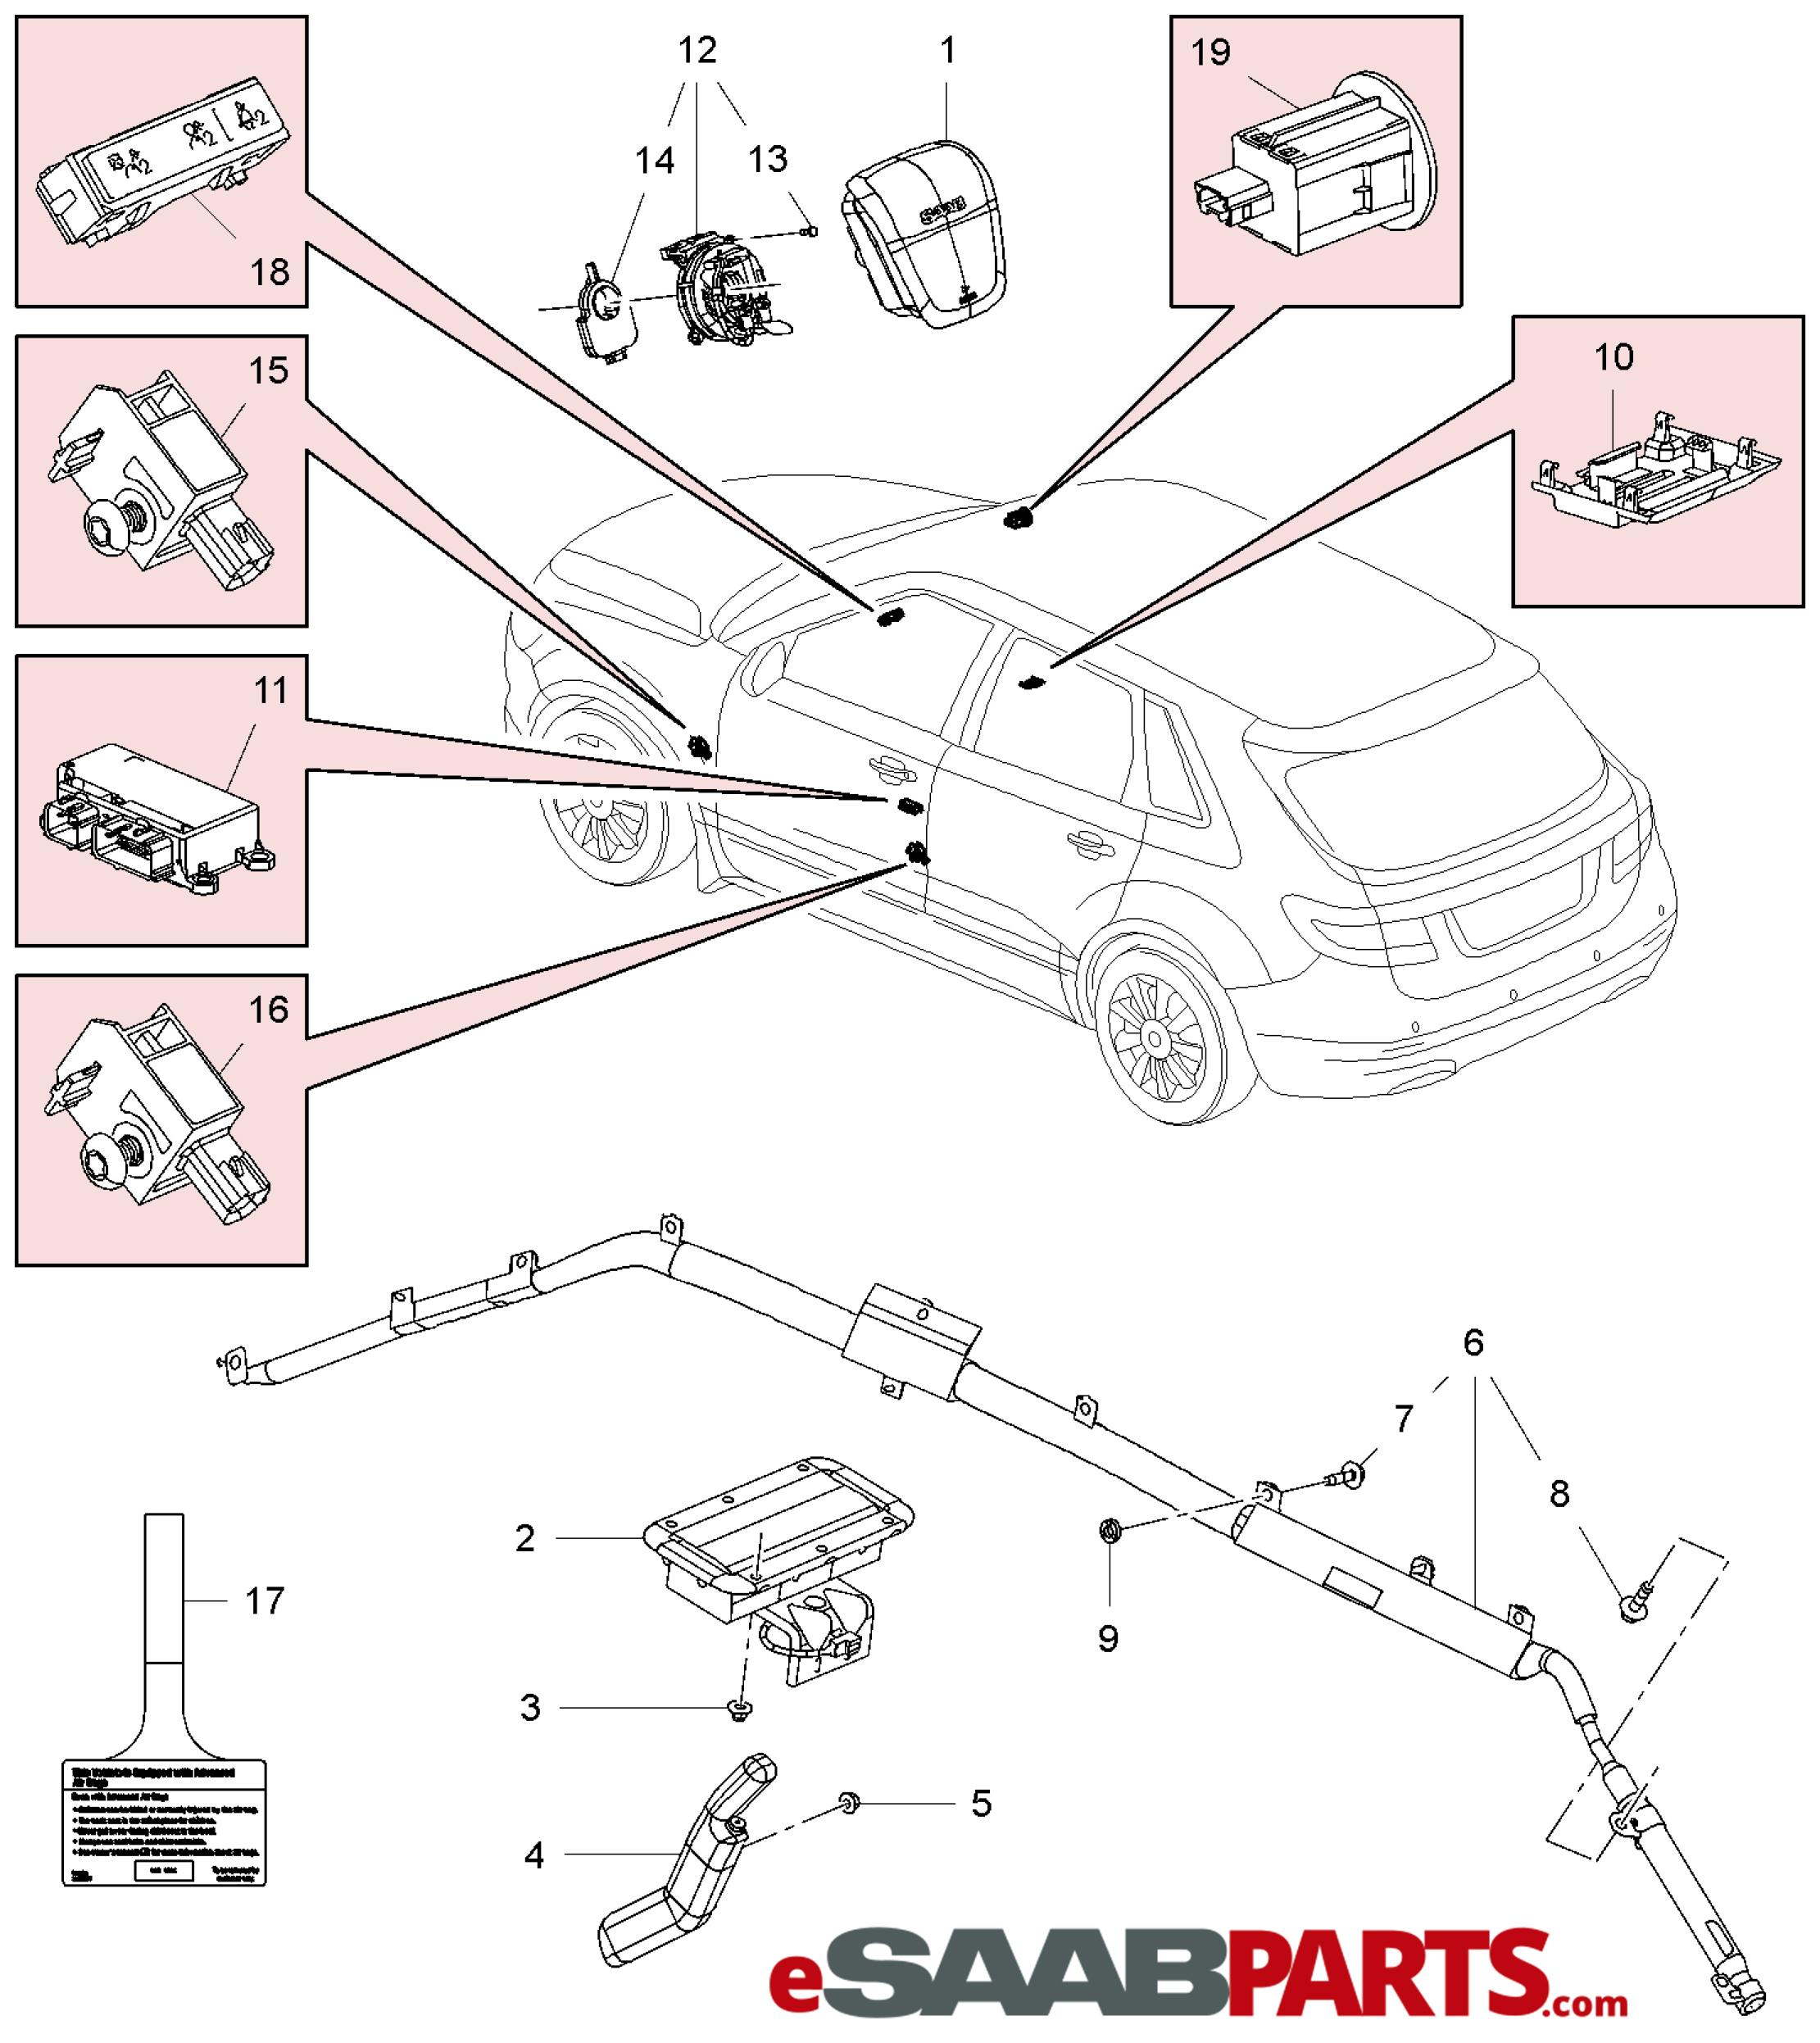 esaabparts com saab 9 4x (168) \u003e car body internal partsesaabparts com saab 9 4x (168) \u003e car body internal parts \u003e airbags \u003e airbag system